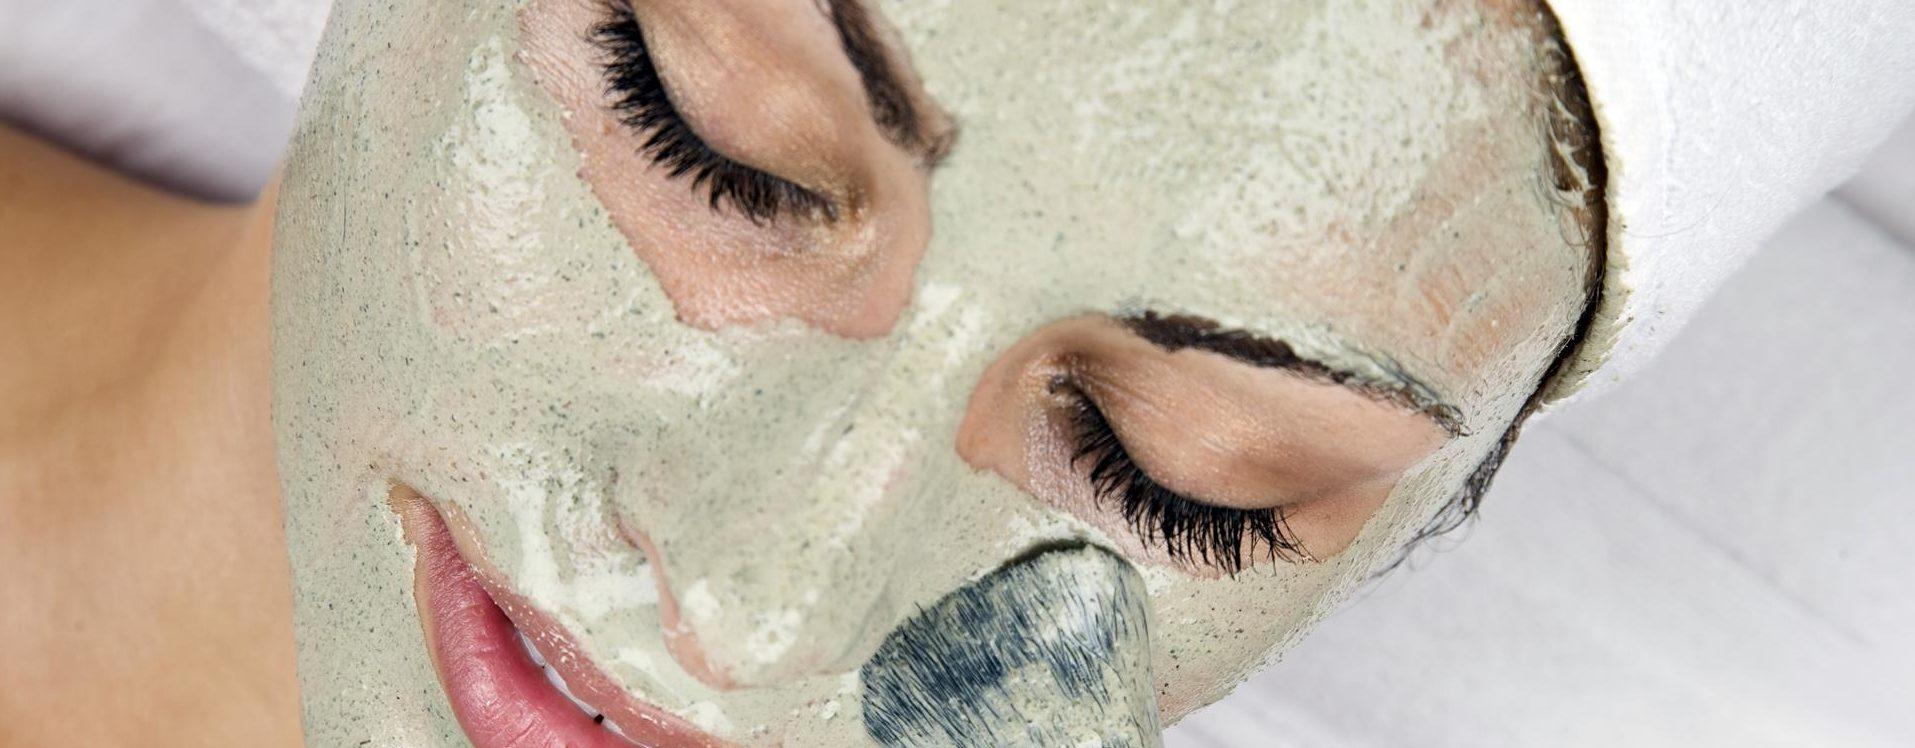 ansiktsbehandling fridhemsplan